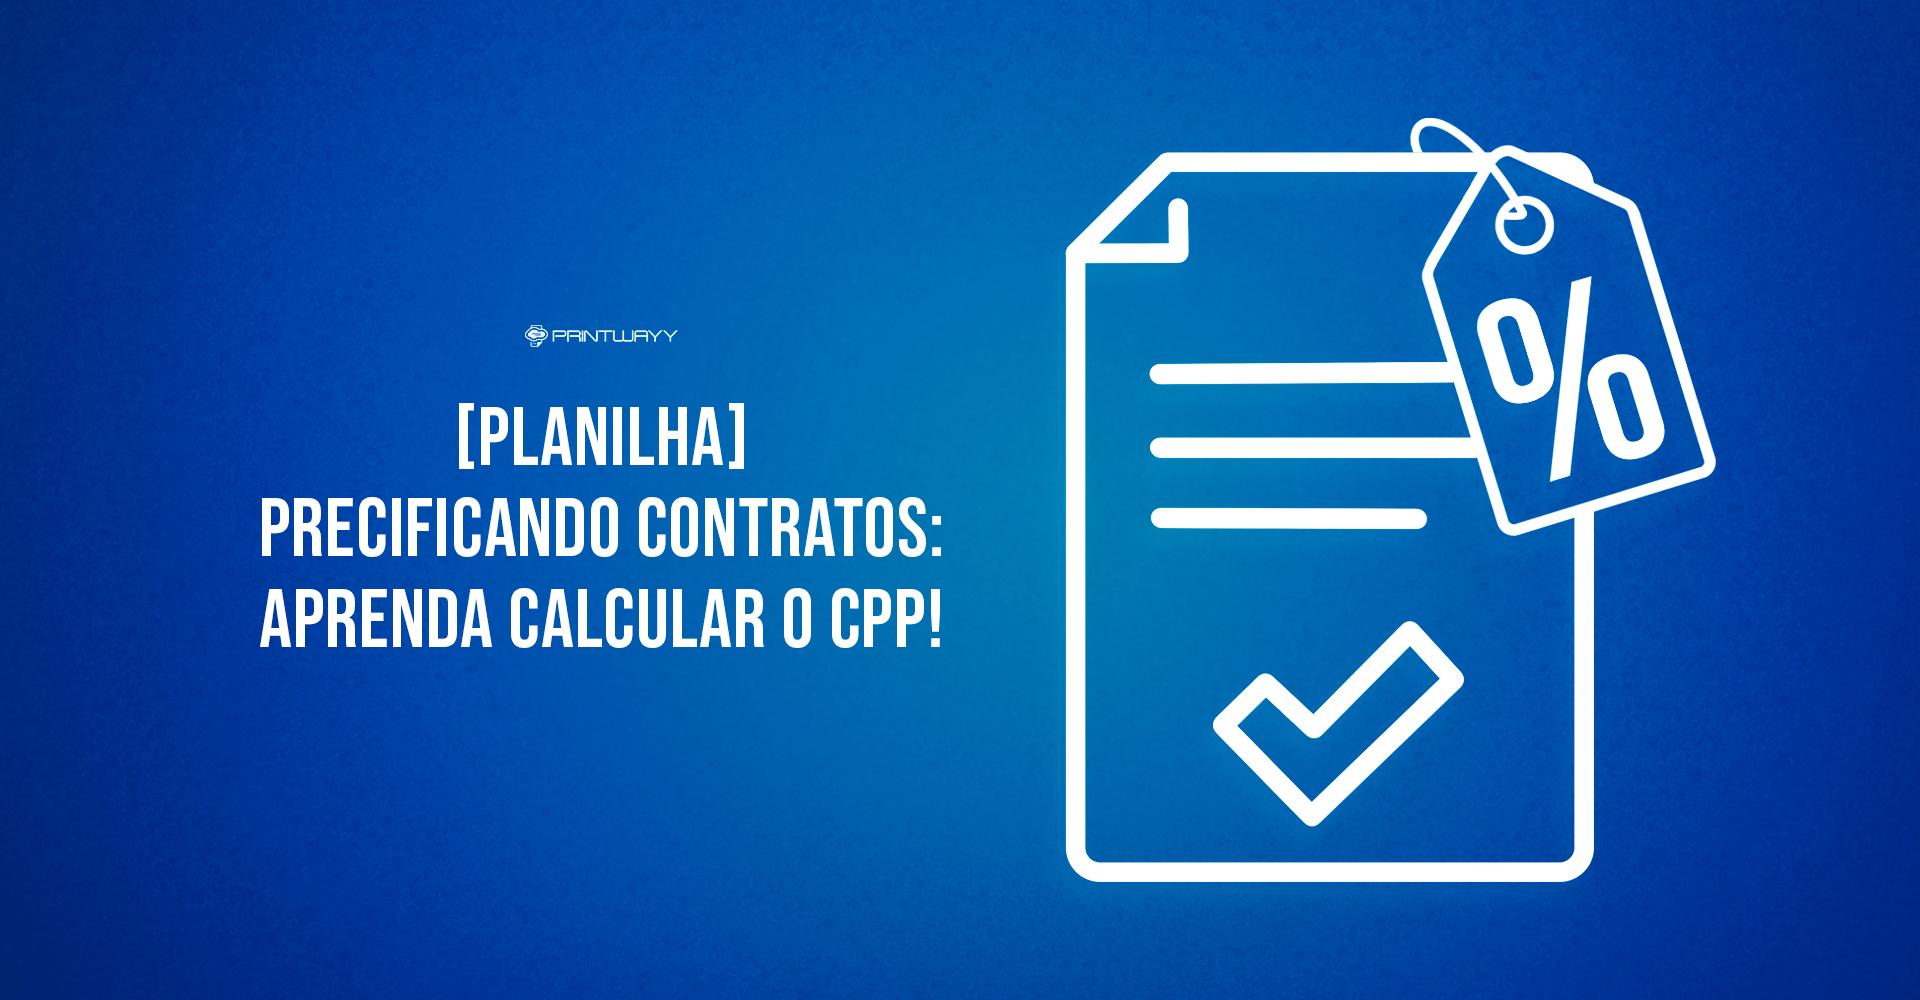 Ilustrando uma planilha de precificação de contratos, um ícone padrão de documento é exibido junto com um tag de preço.